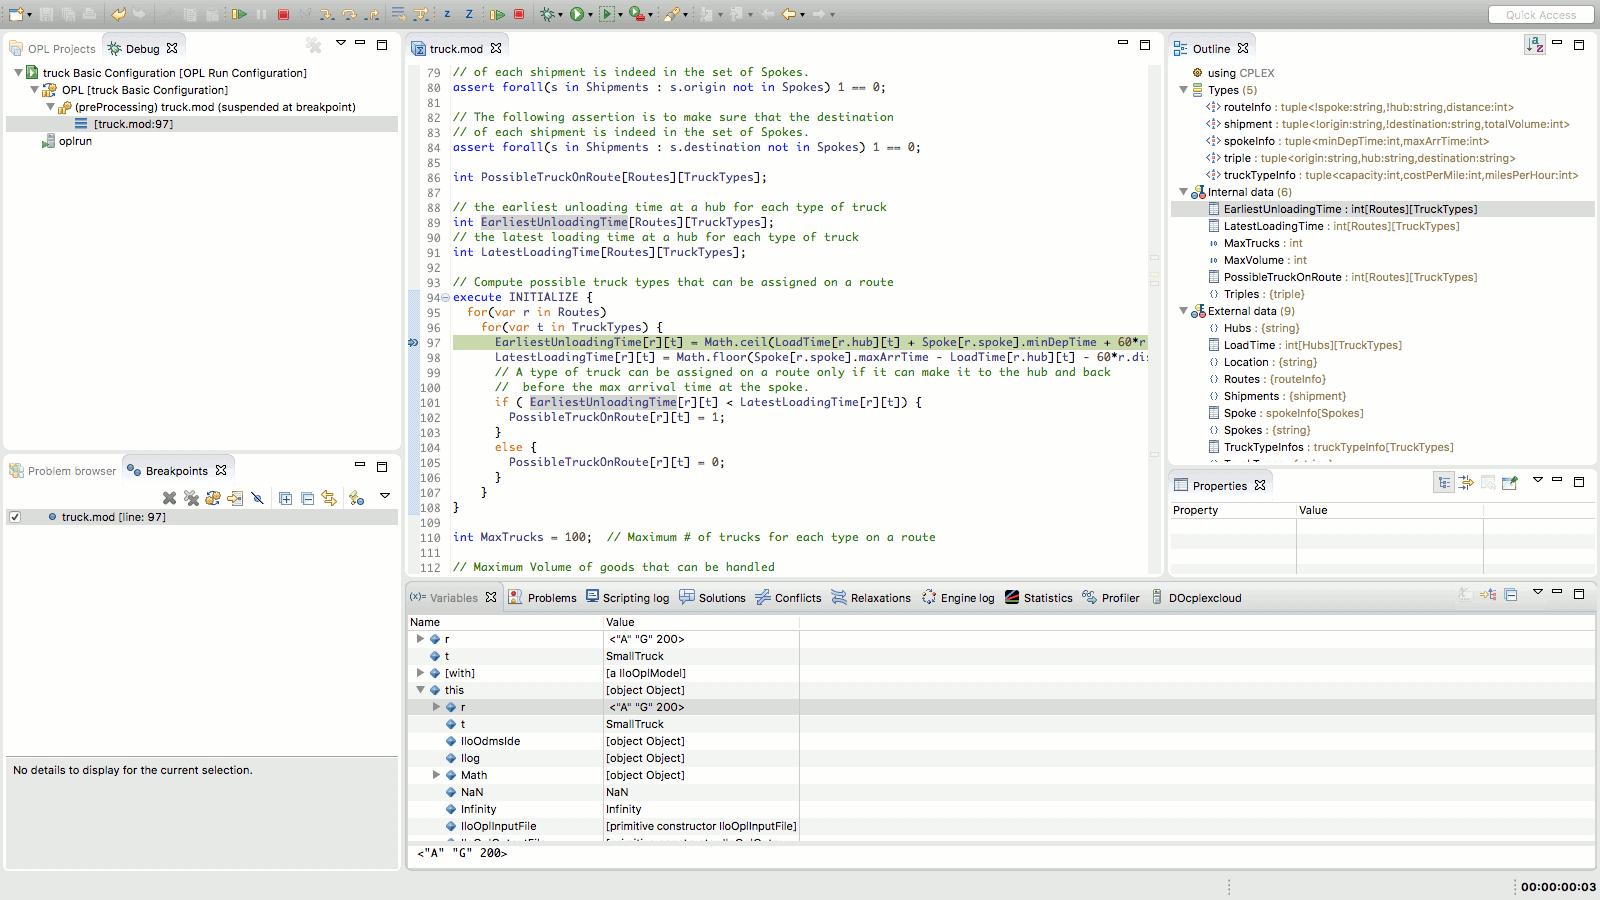 Debugging in OPL in IBM ILOG CPLEX Optimization Studio